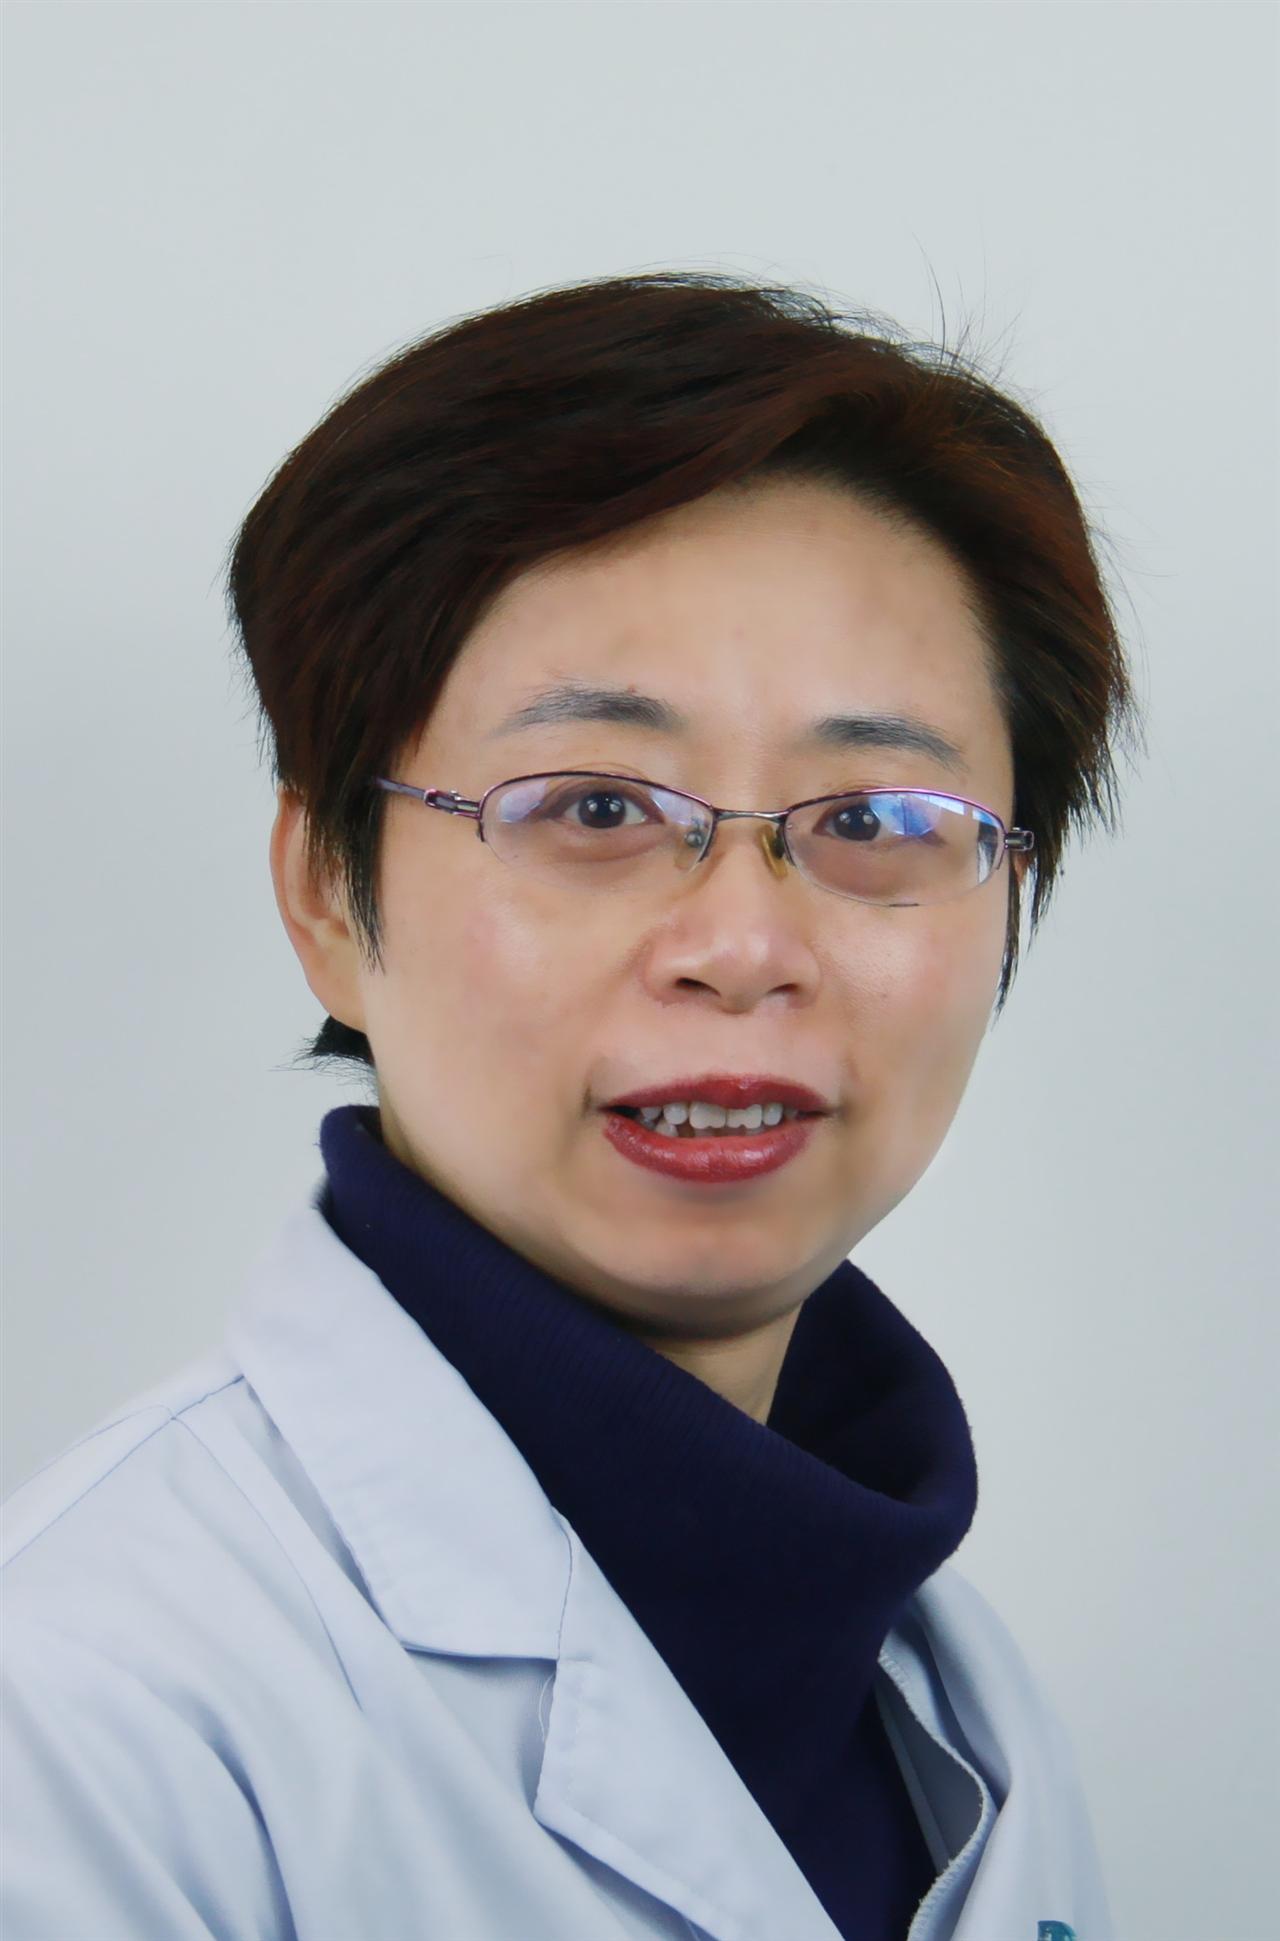 第二届秦淮区名中医-林莉